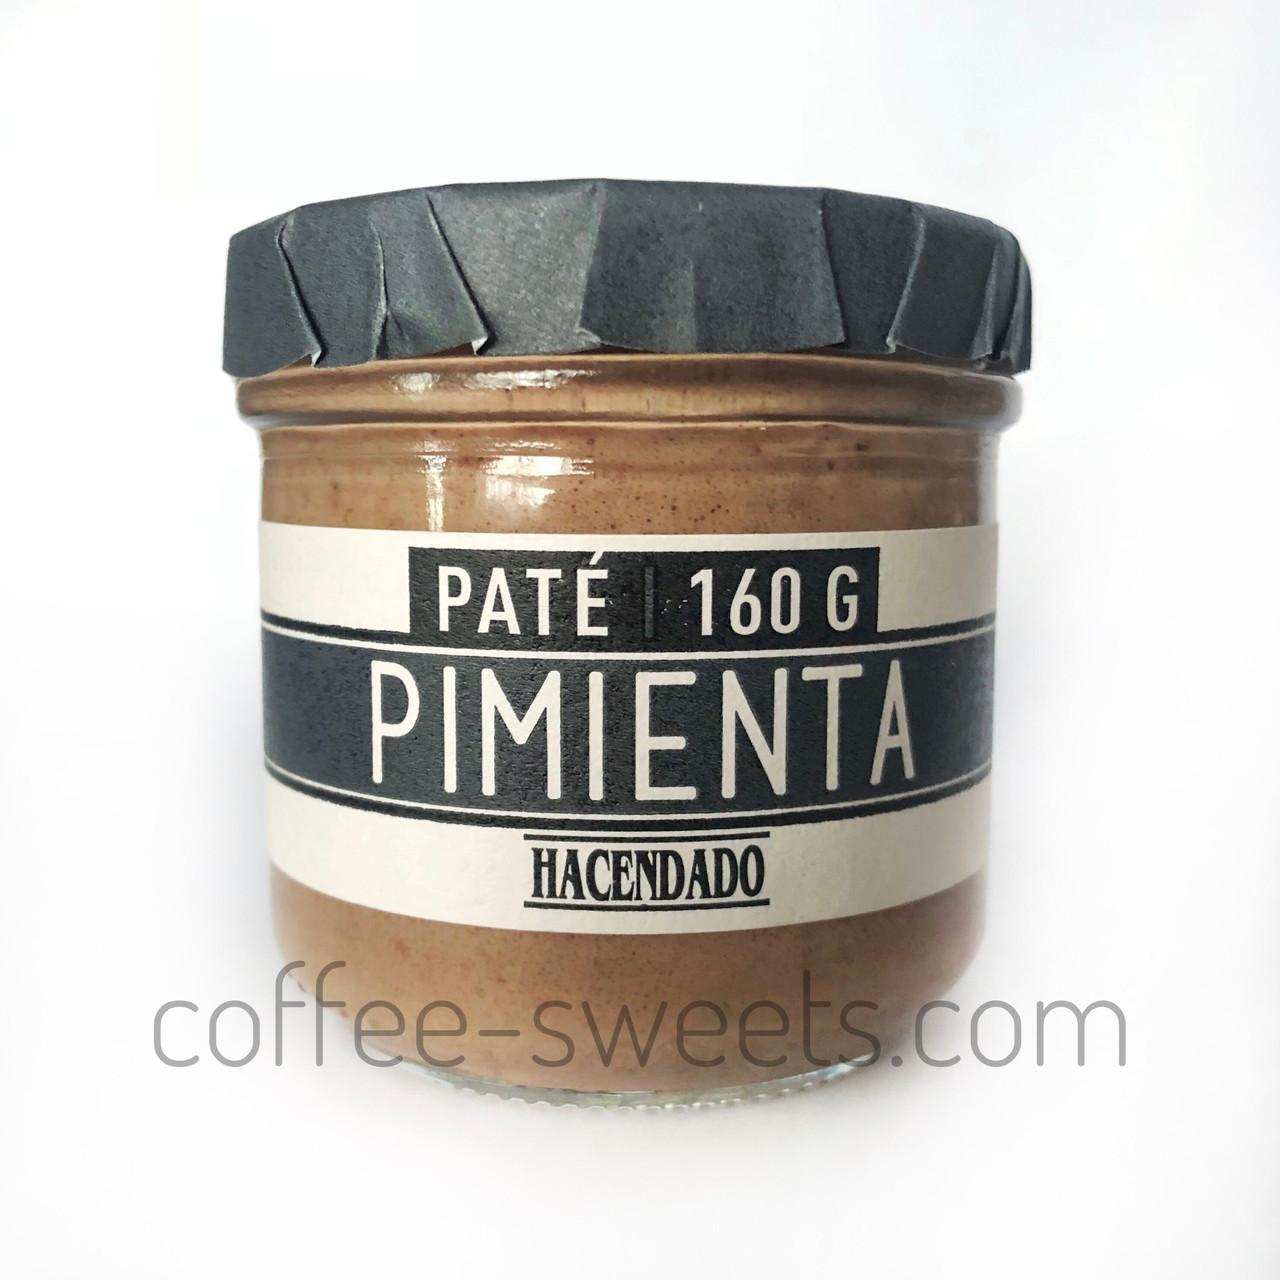 Паштет Hacendado Pate Pimienta (с добавлением черного перца) 160 g